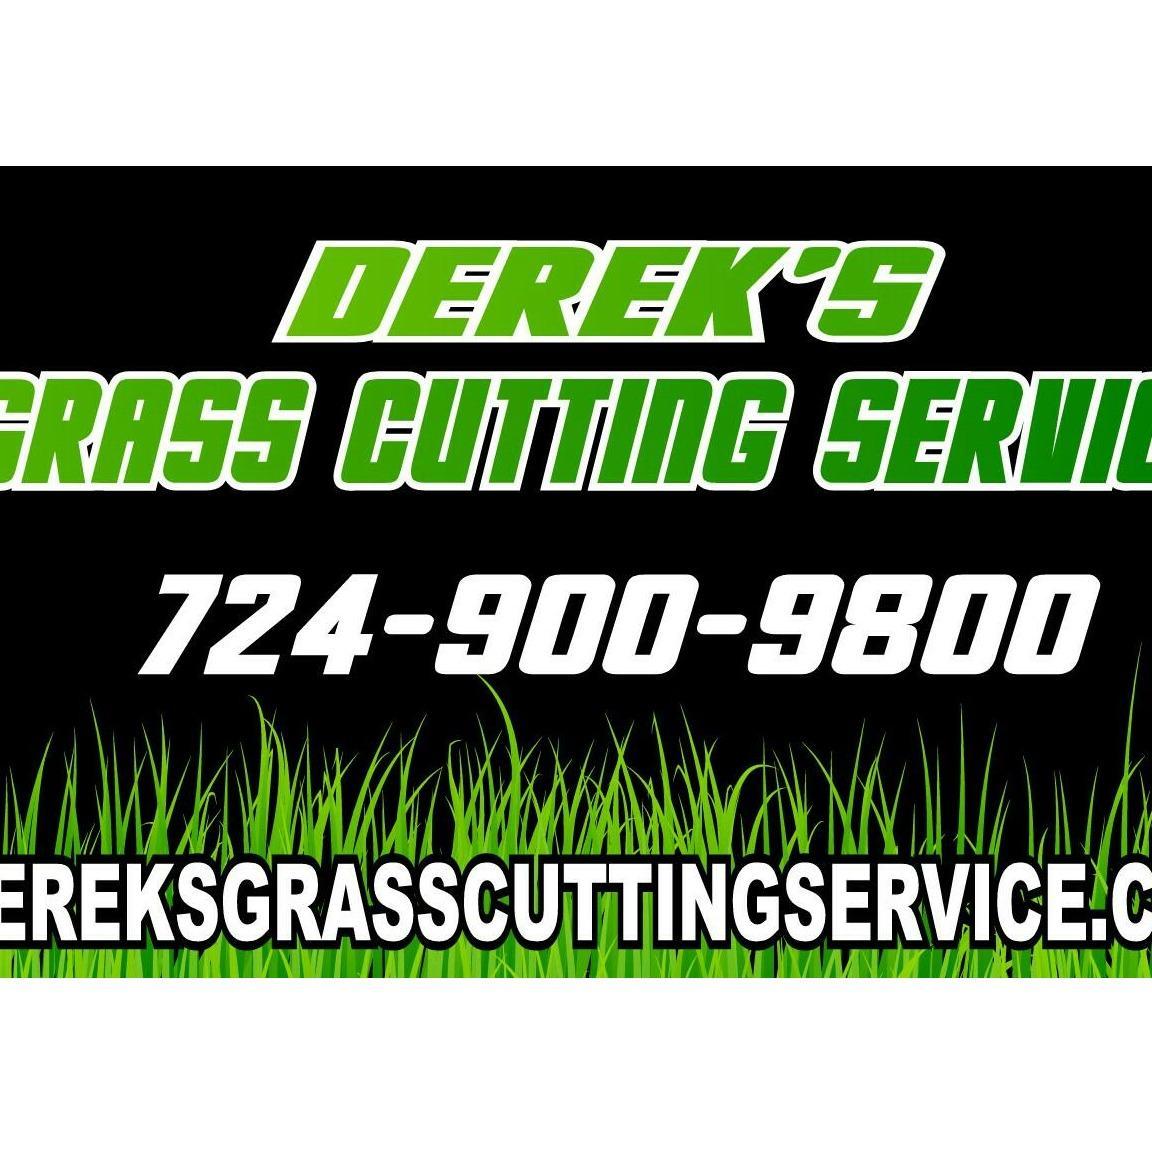 Derek's Grass Cutting Service image 0